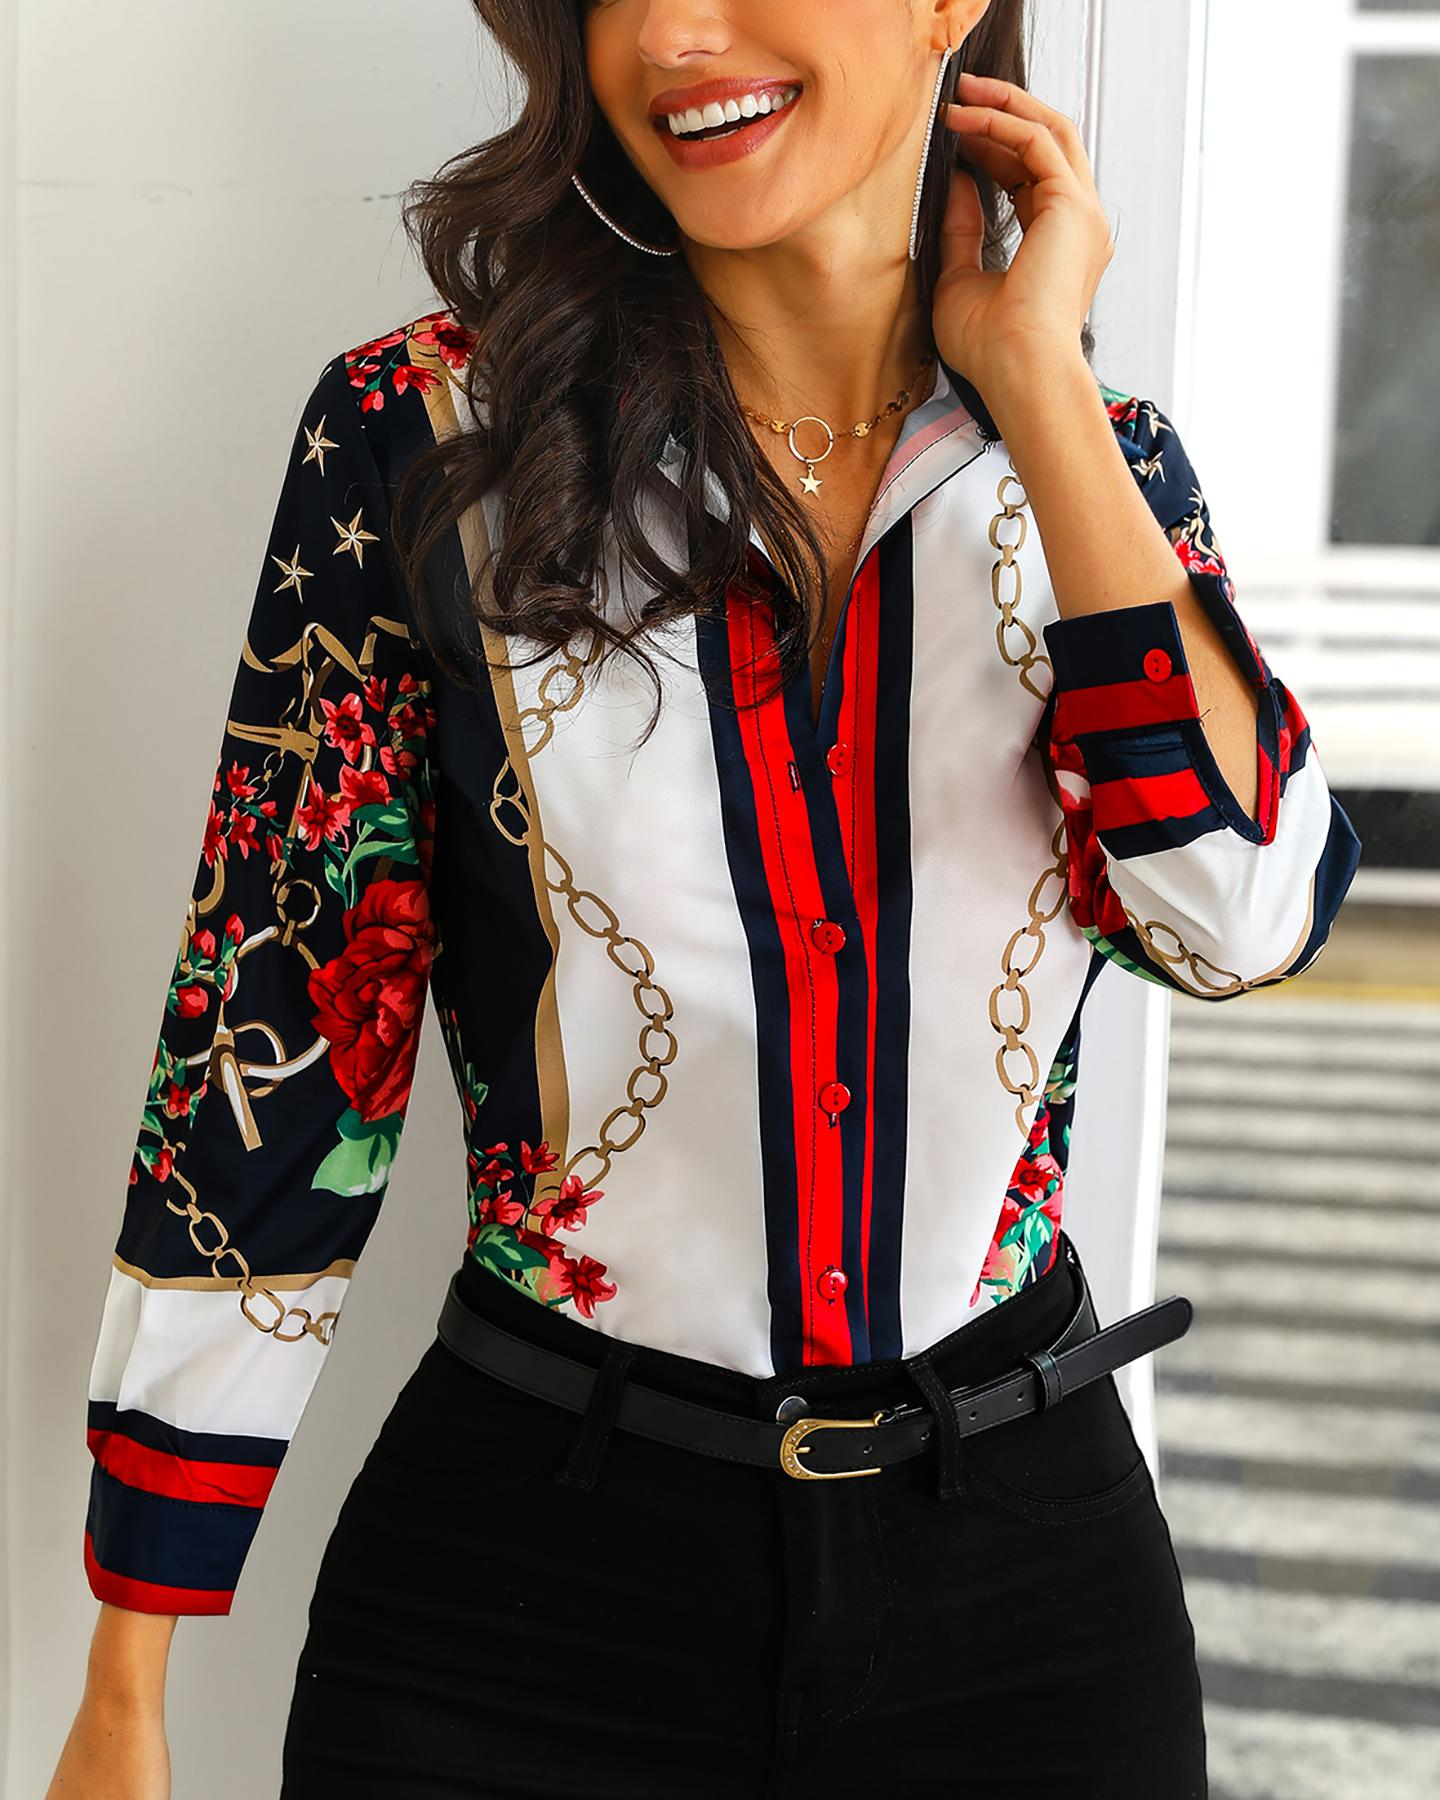 boutiquefeel / Floral y cadenas imprimir blusa informal